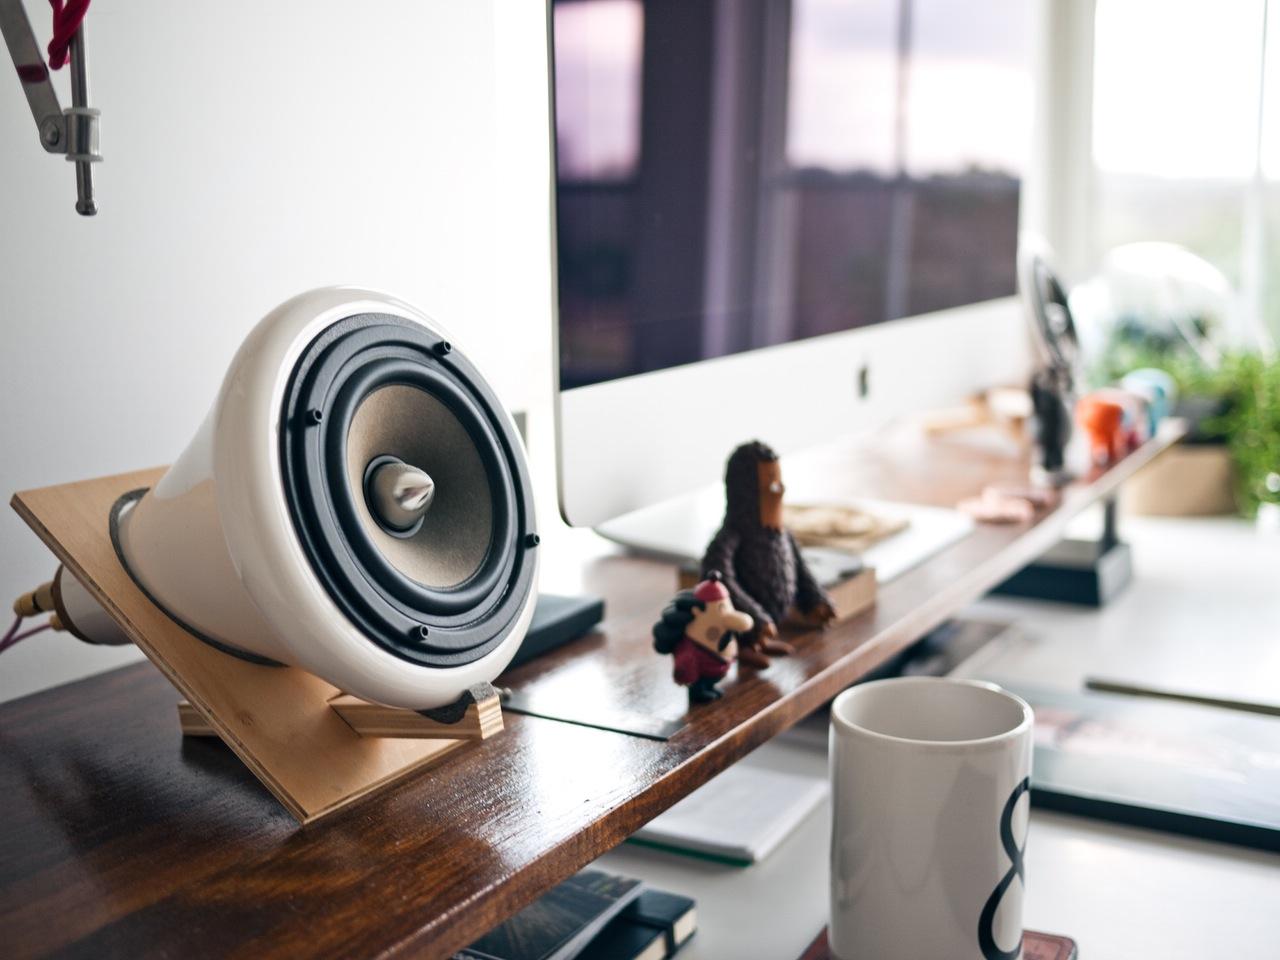 apple-desk-designer-display